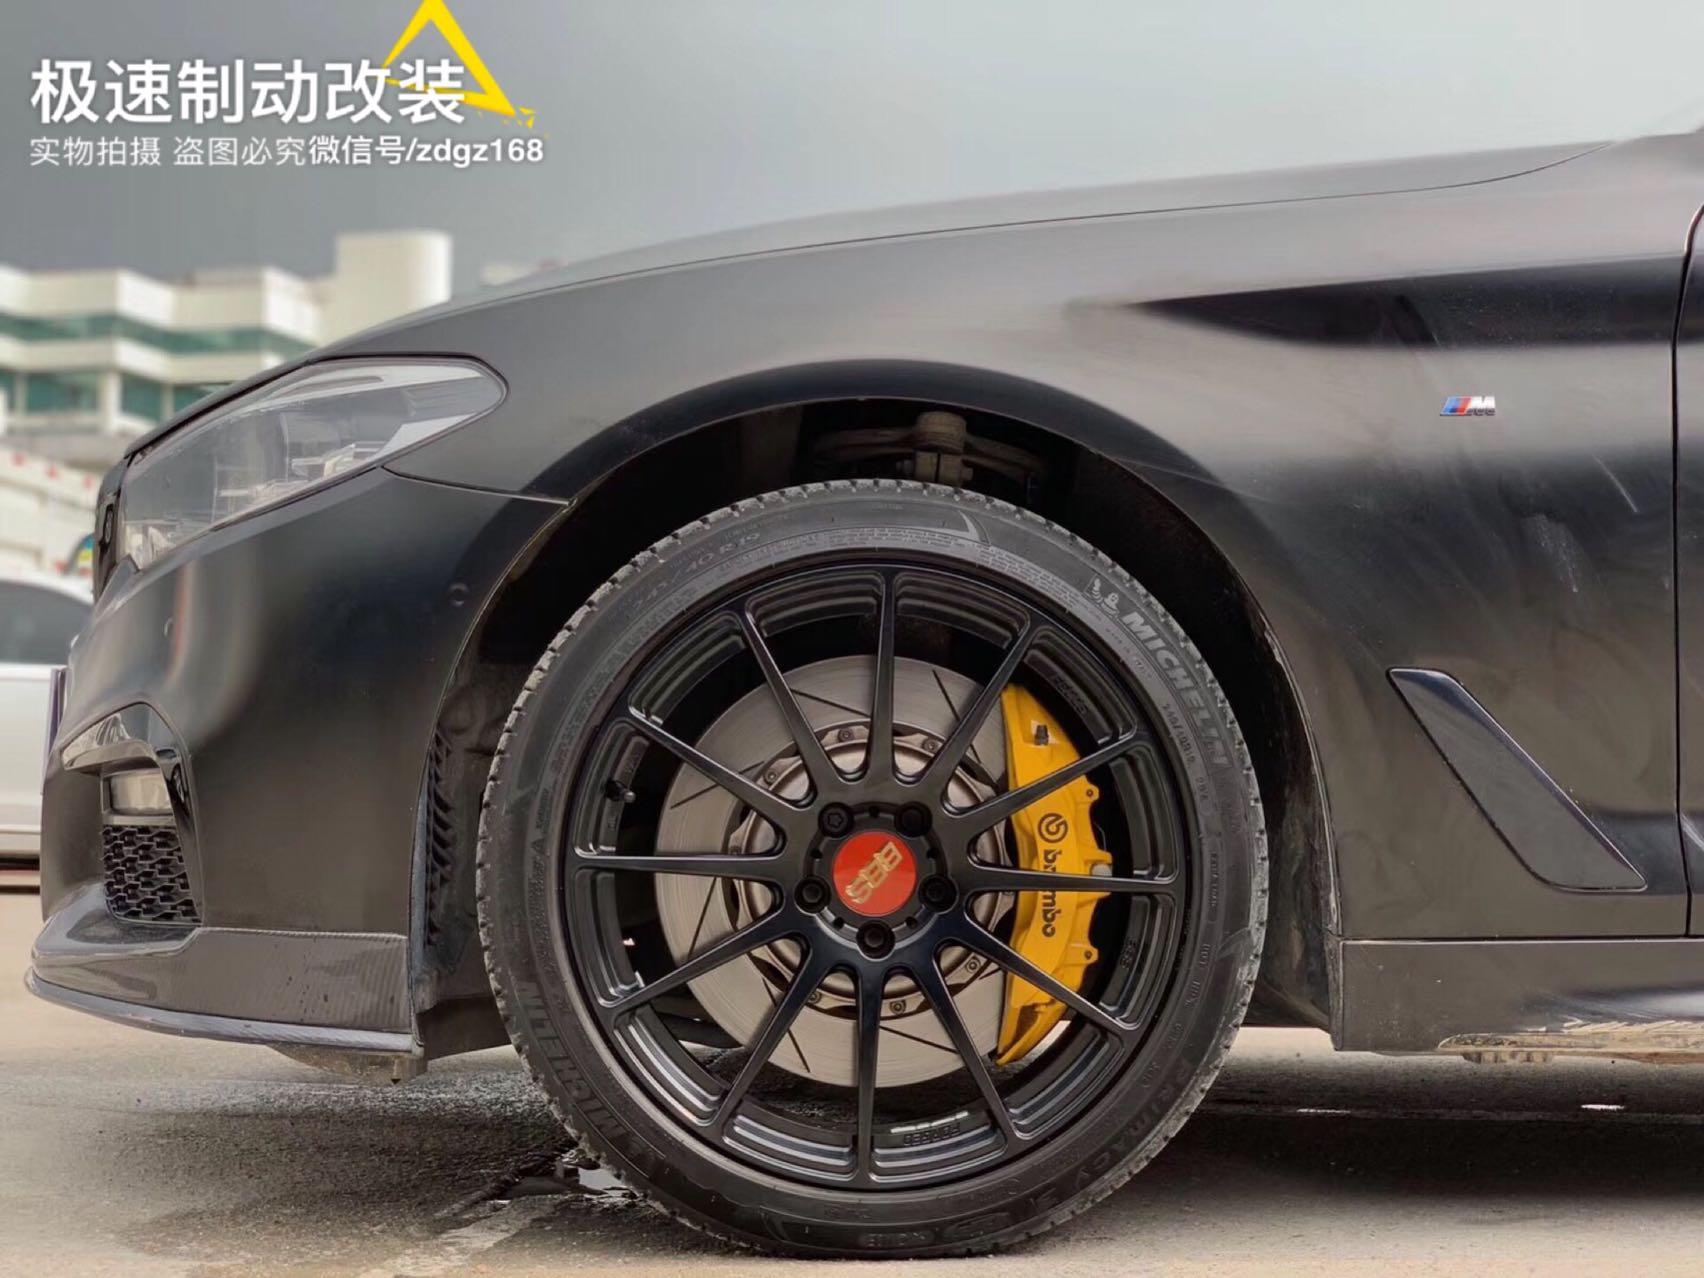 宝马530Li刹车升级Brembo V6通用款前六后四刹车套装。性能效果与GT同级别,完美上车